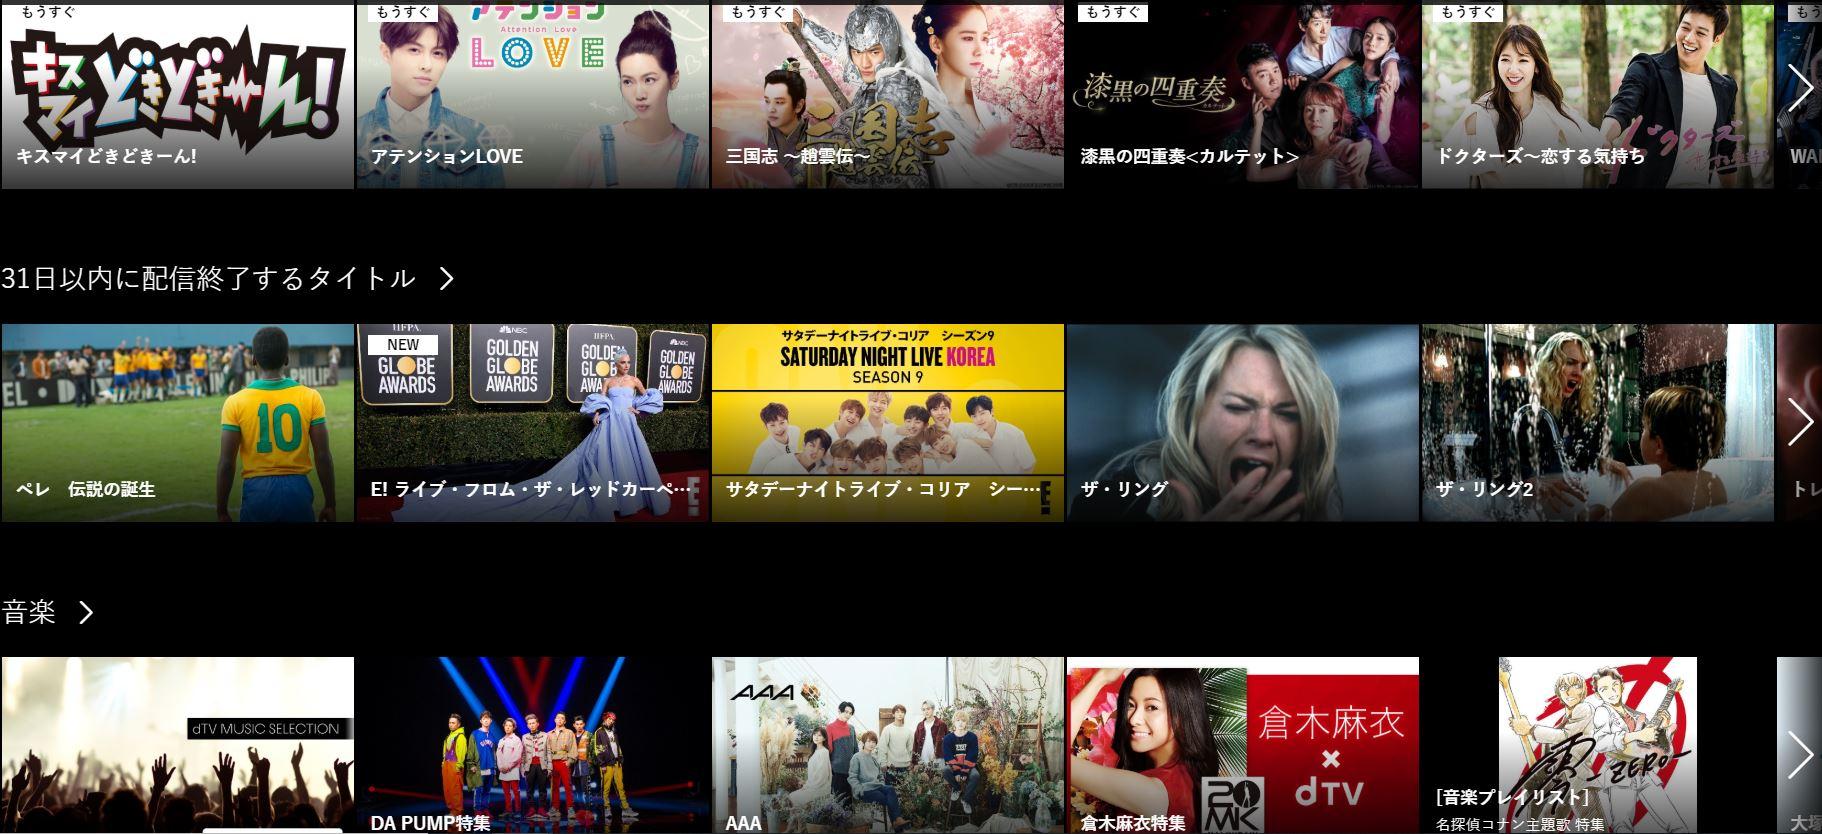 dtvで配信中のドラマや映画・アニメ